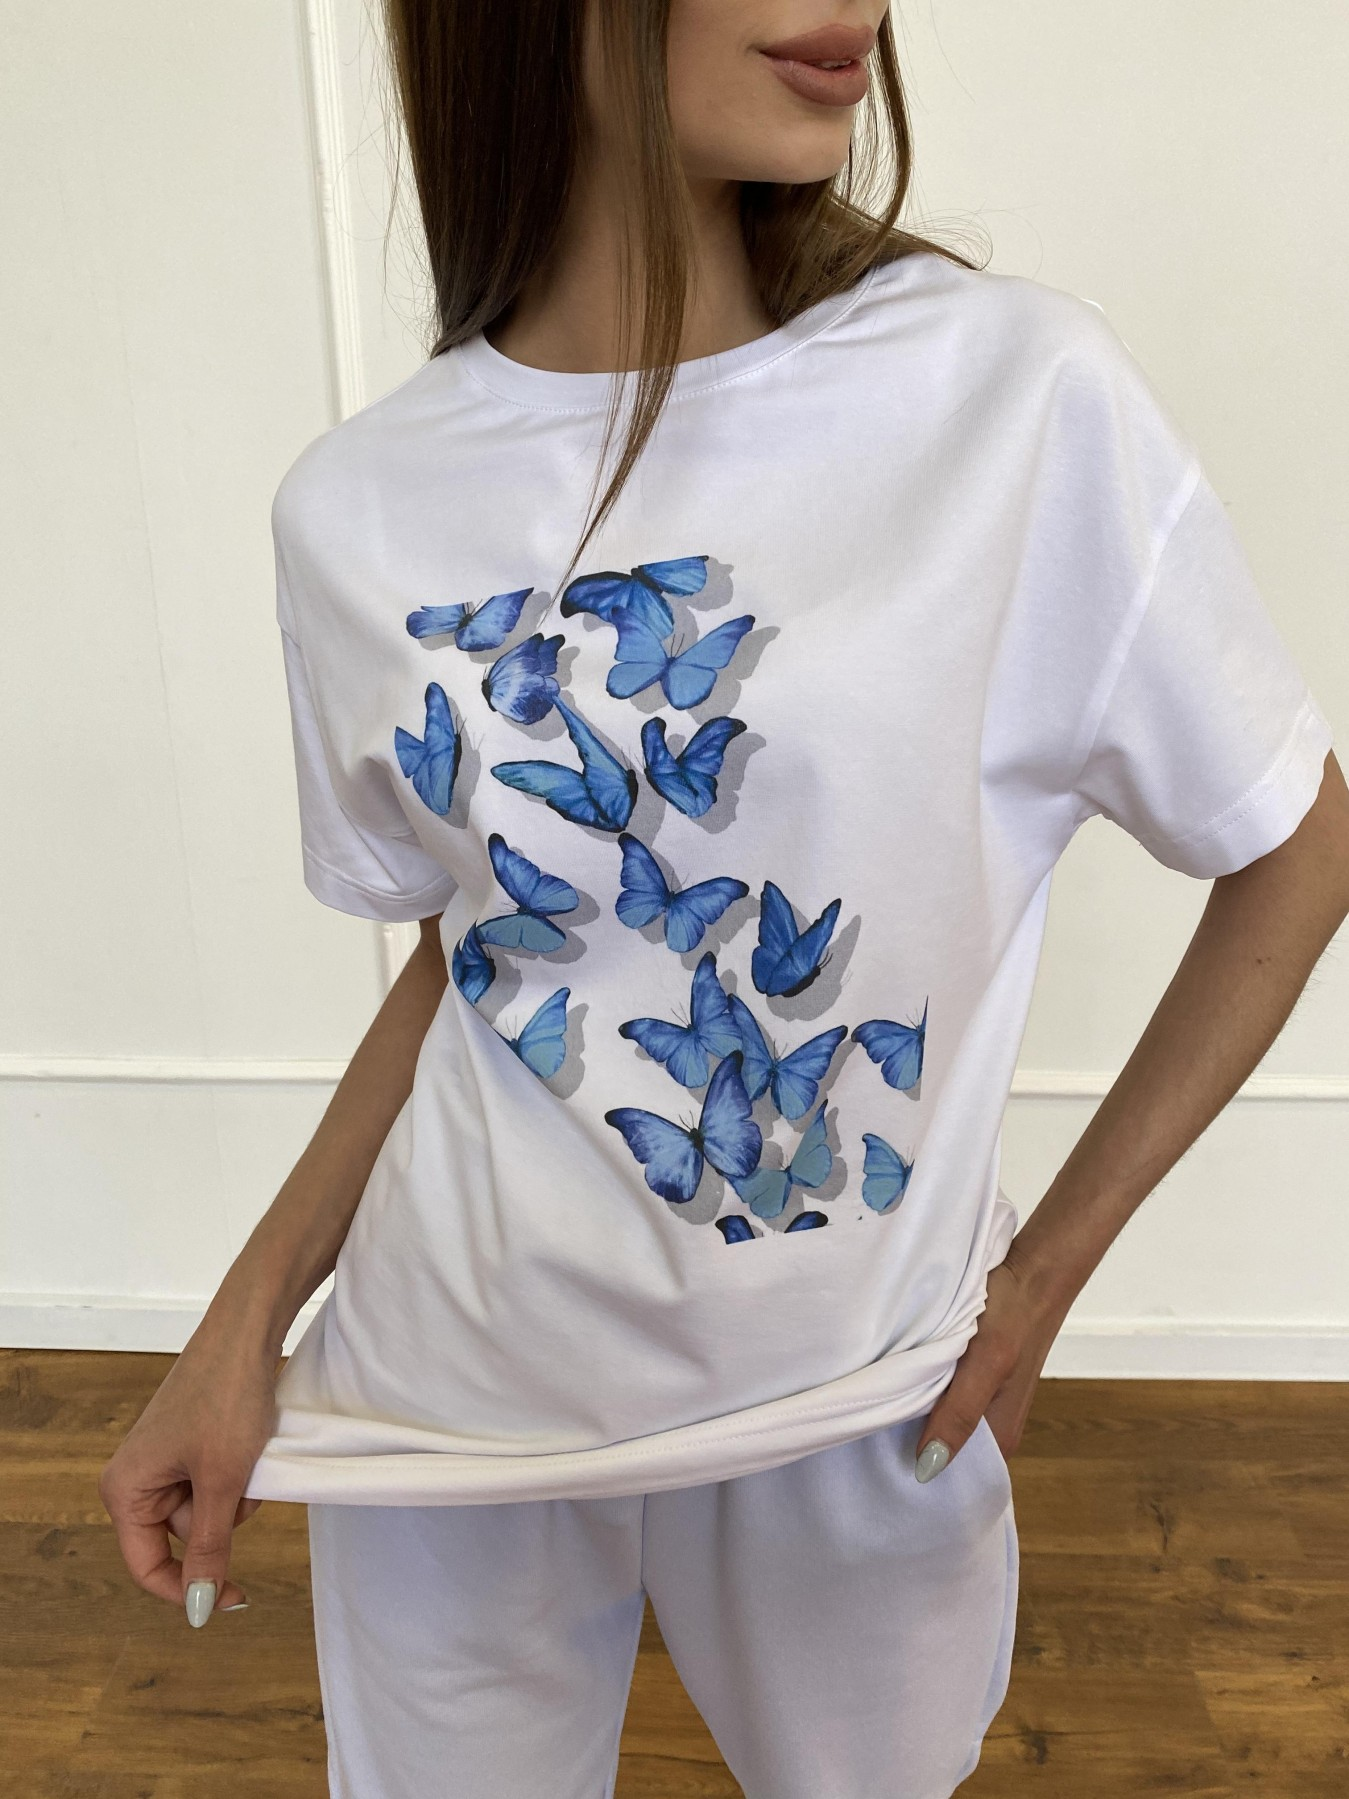 Бабочки футболка из вискозы однотонная хлопок 11232 АРТ. 47752 Цвет: Белый - фото 6, интернет магазин tm-modus.ru